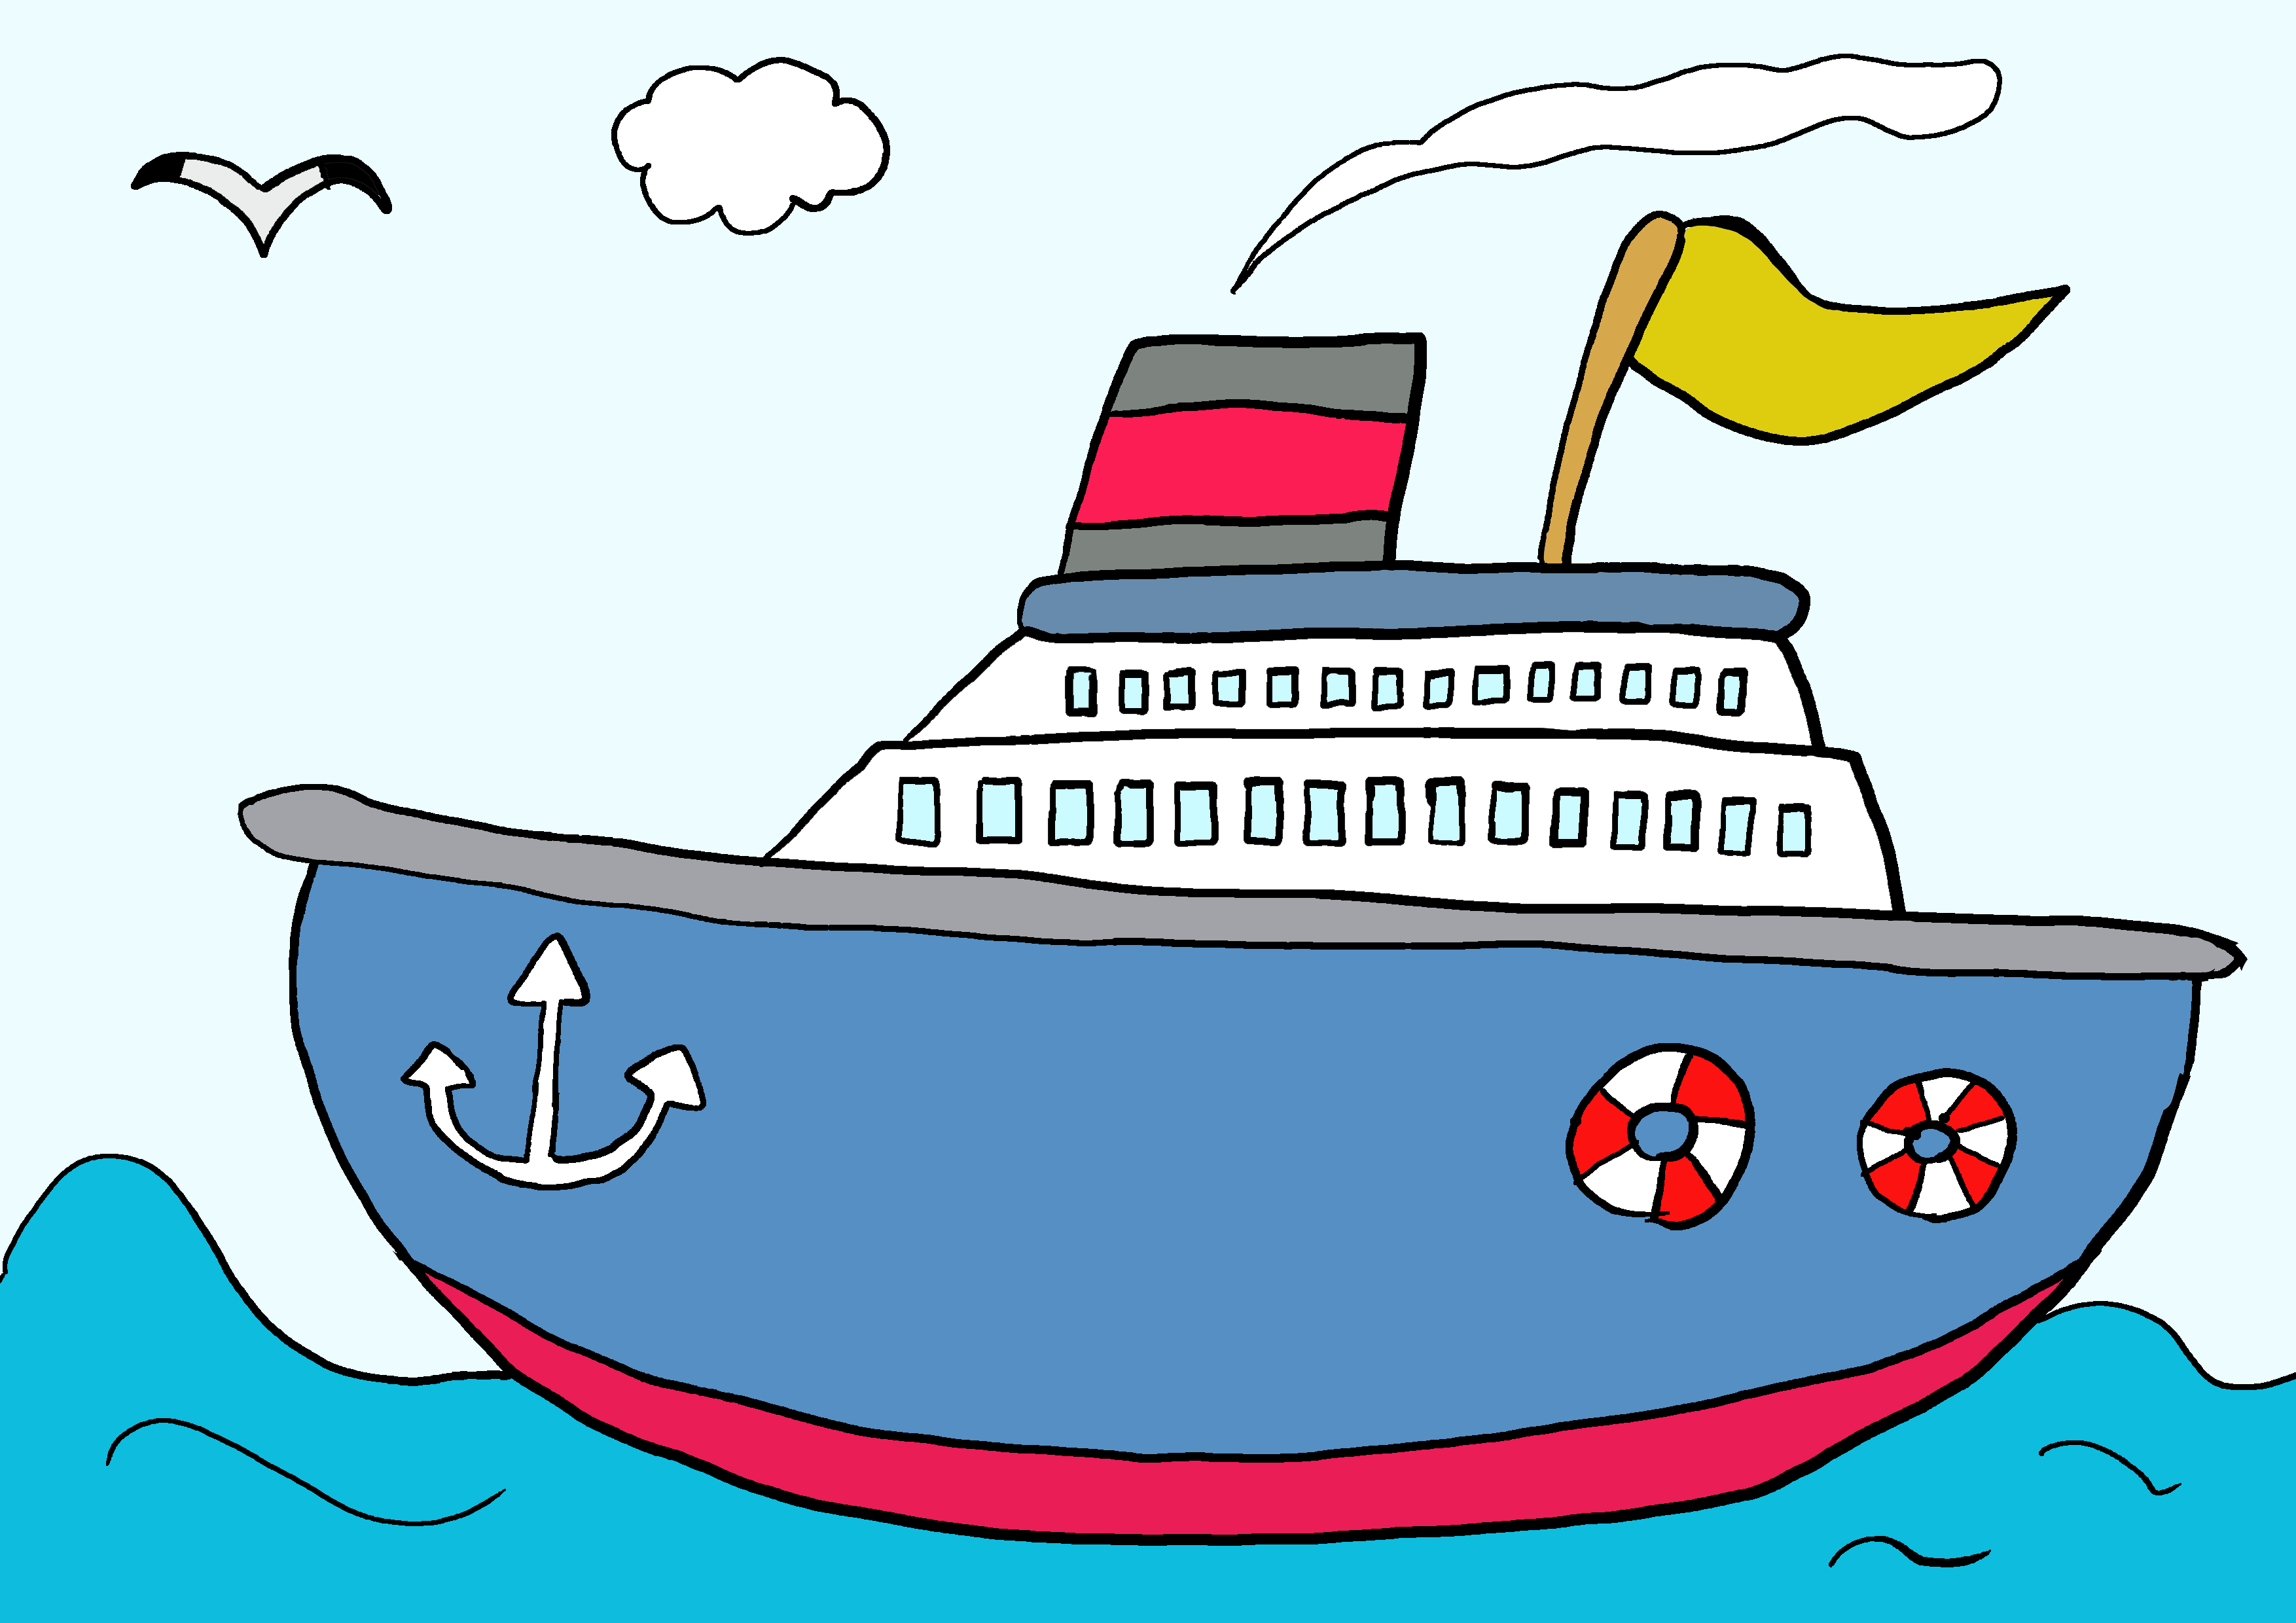 商用フリーイラスト【船】